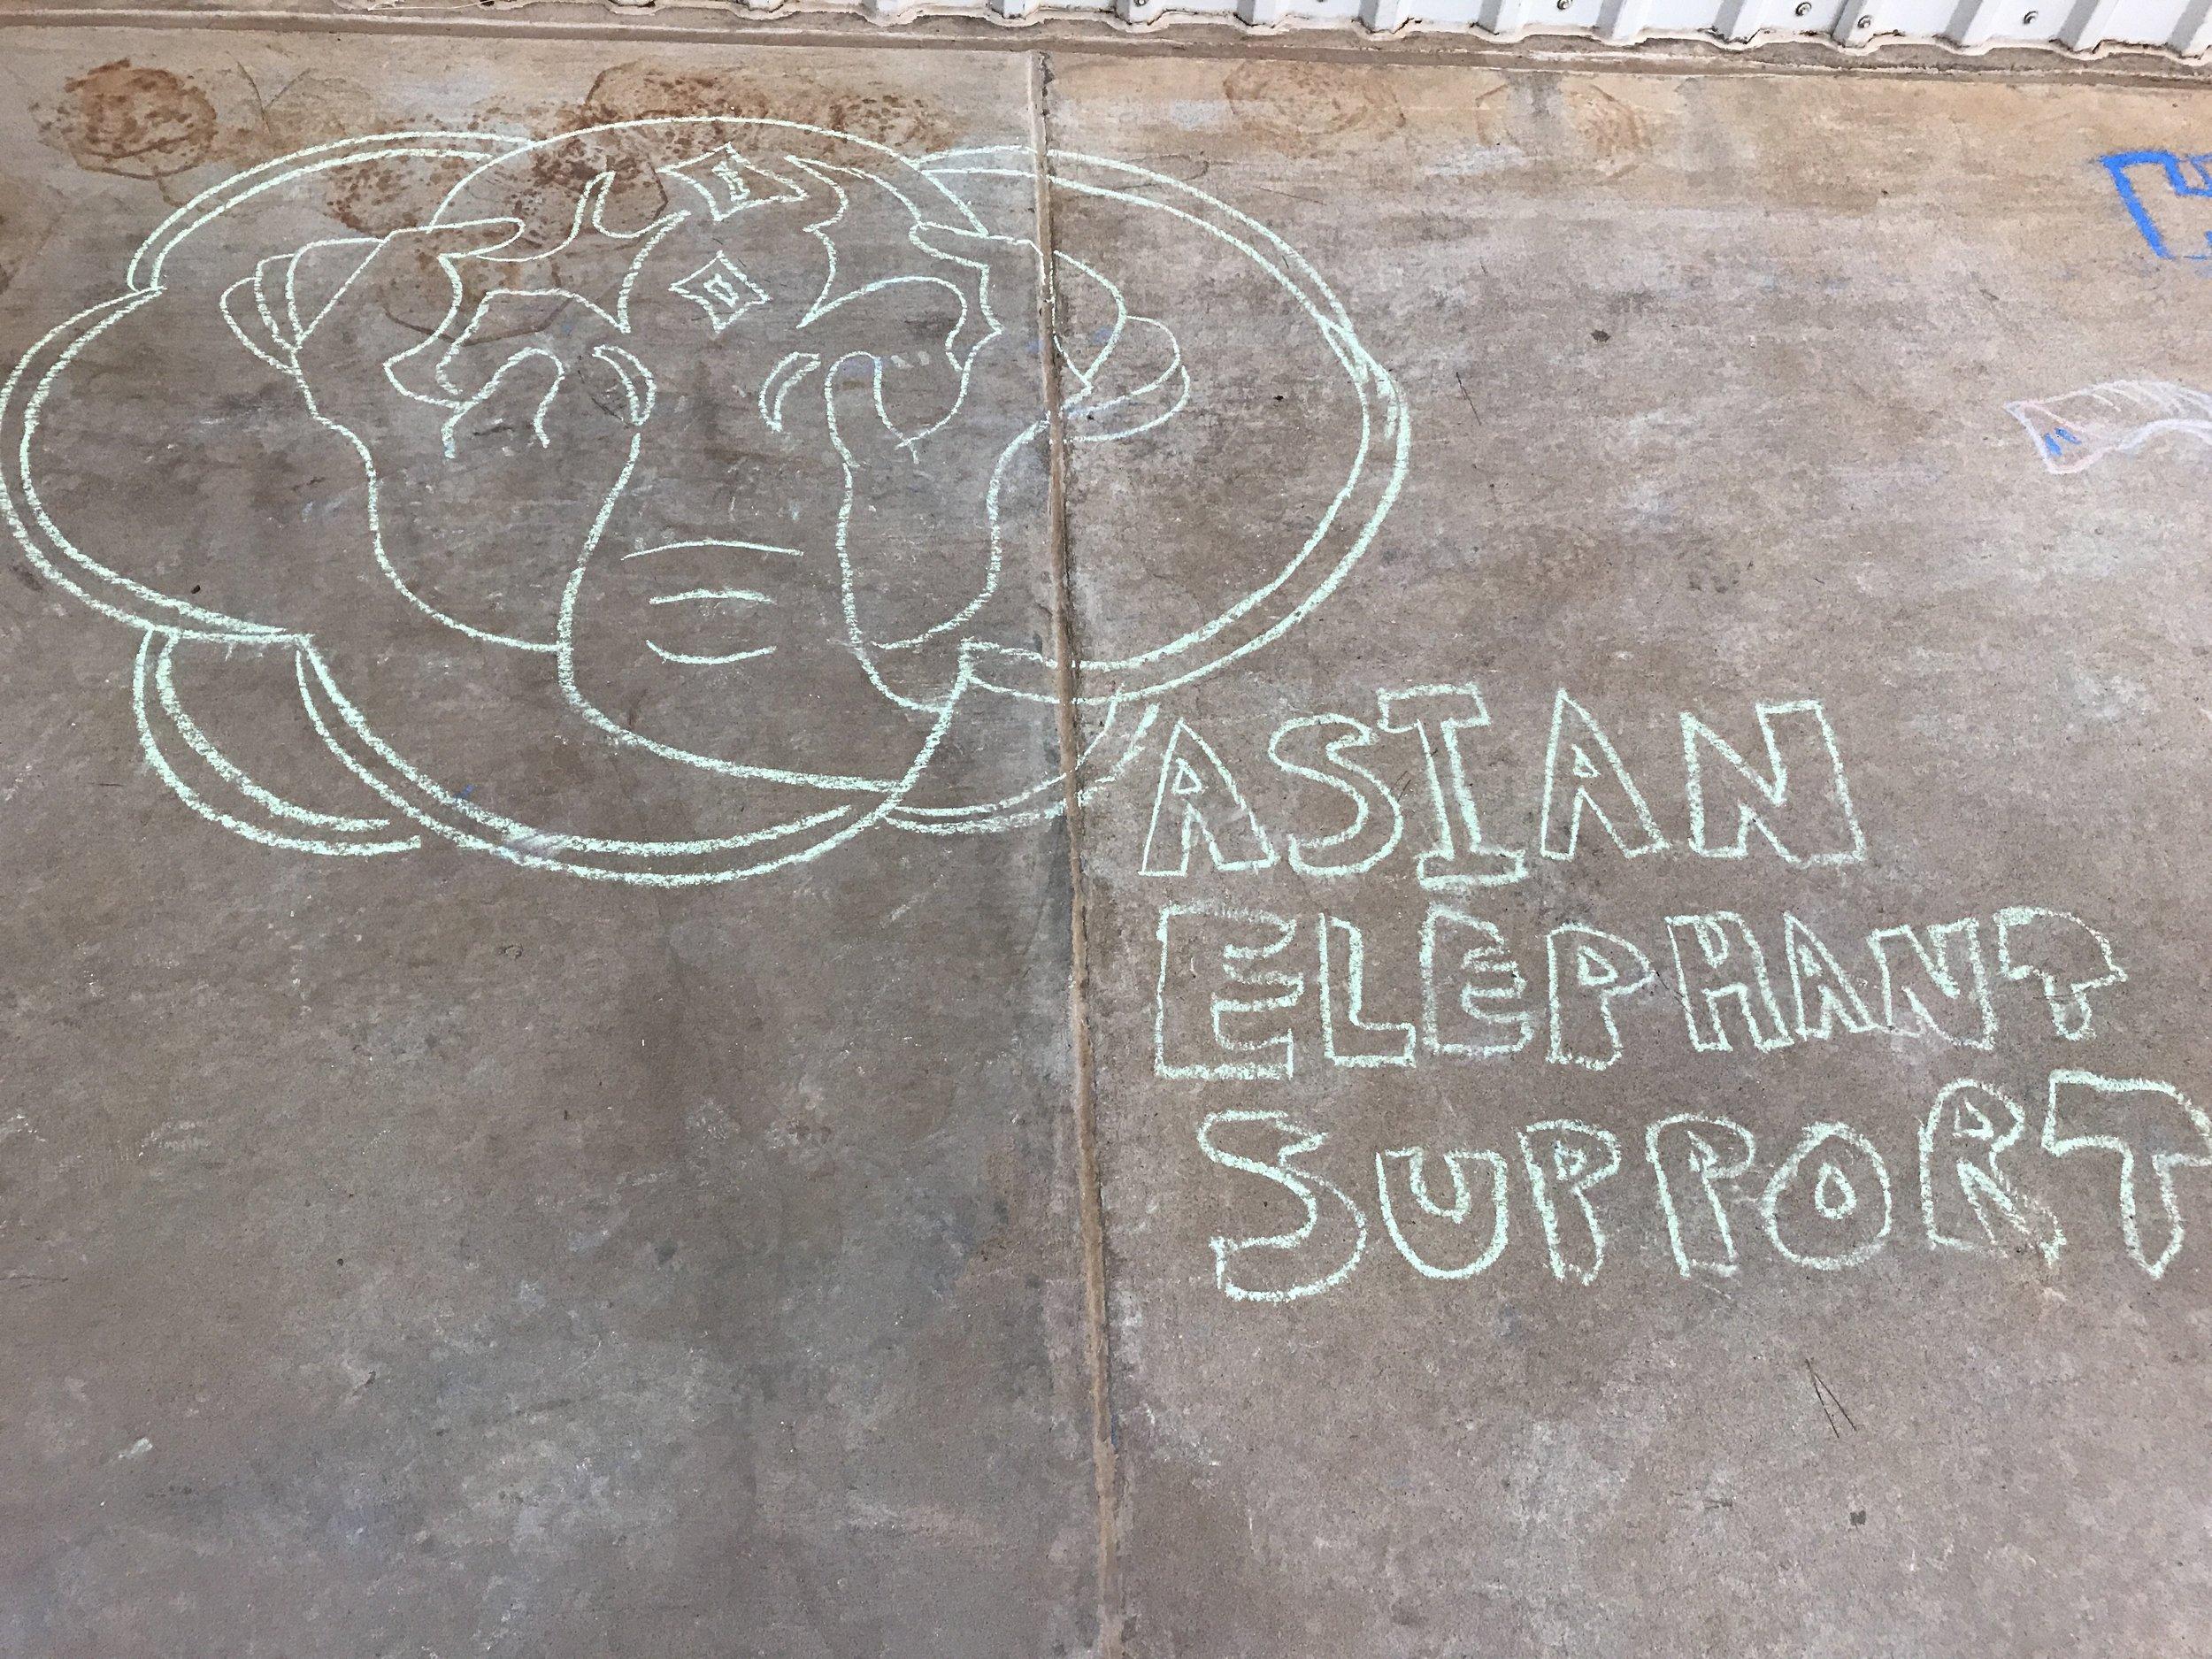 Our logo hand drawn in sidewalk chalk